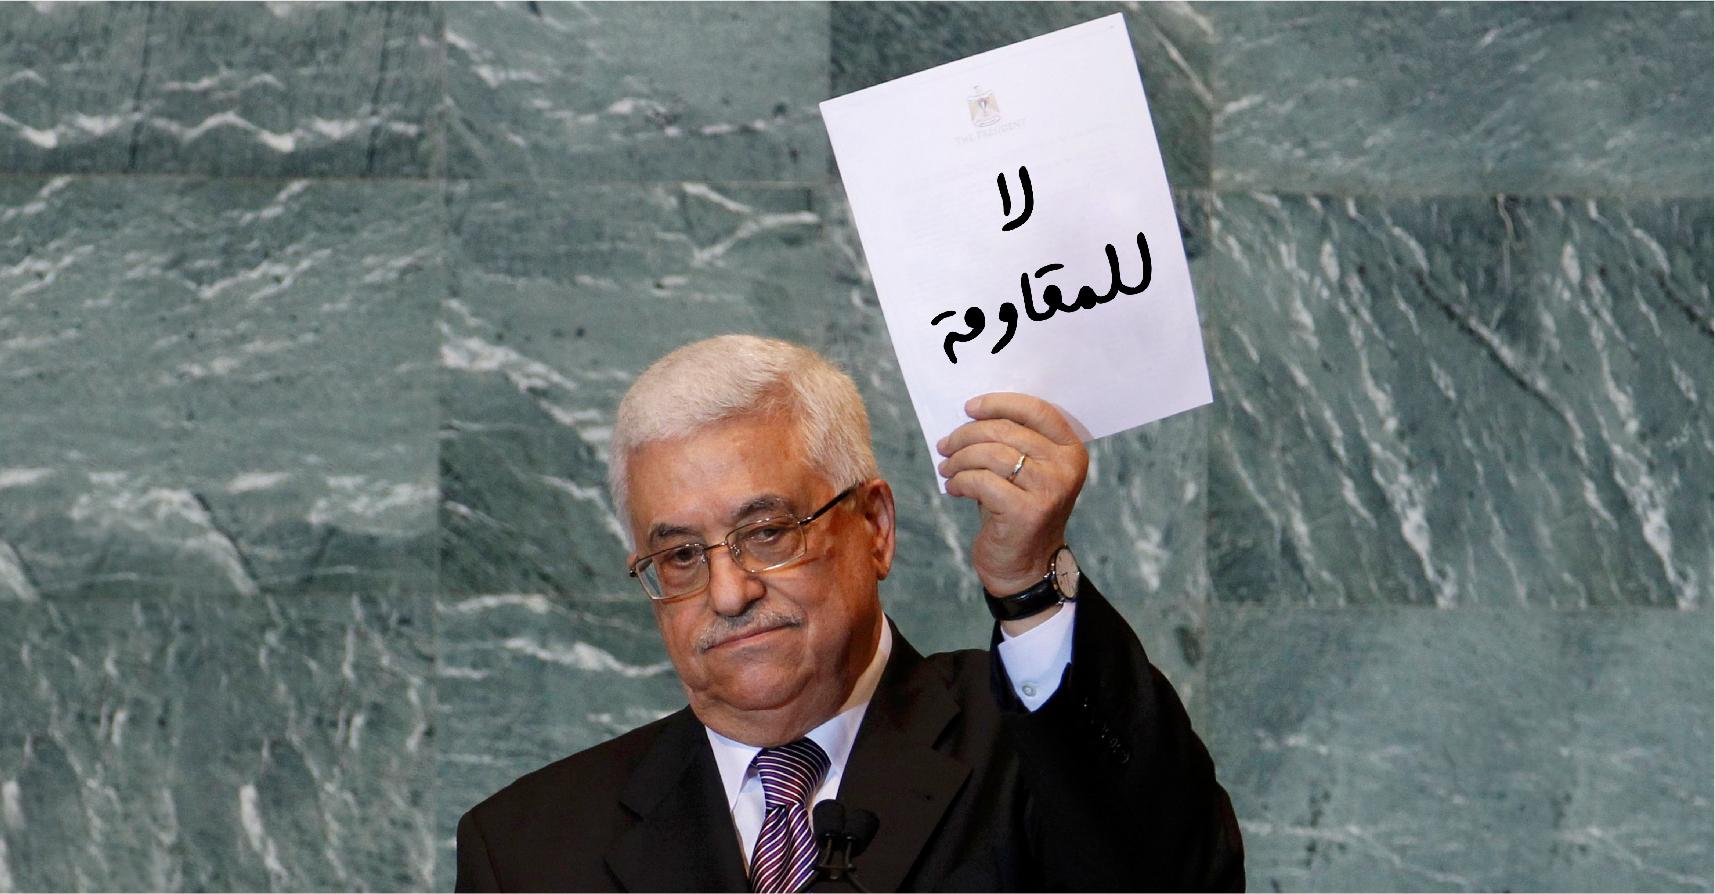 صورة السلطة الفلسطينية توعز باستبدال مفهوم المقاومة في مادة الفيزياء بمفهوم المفاوضات